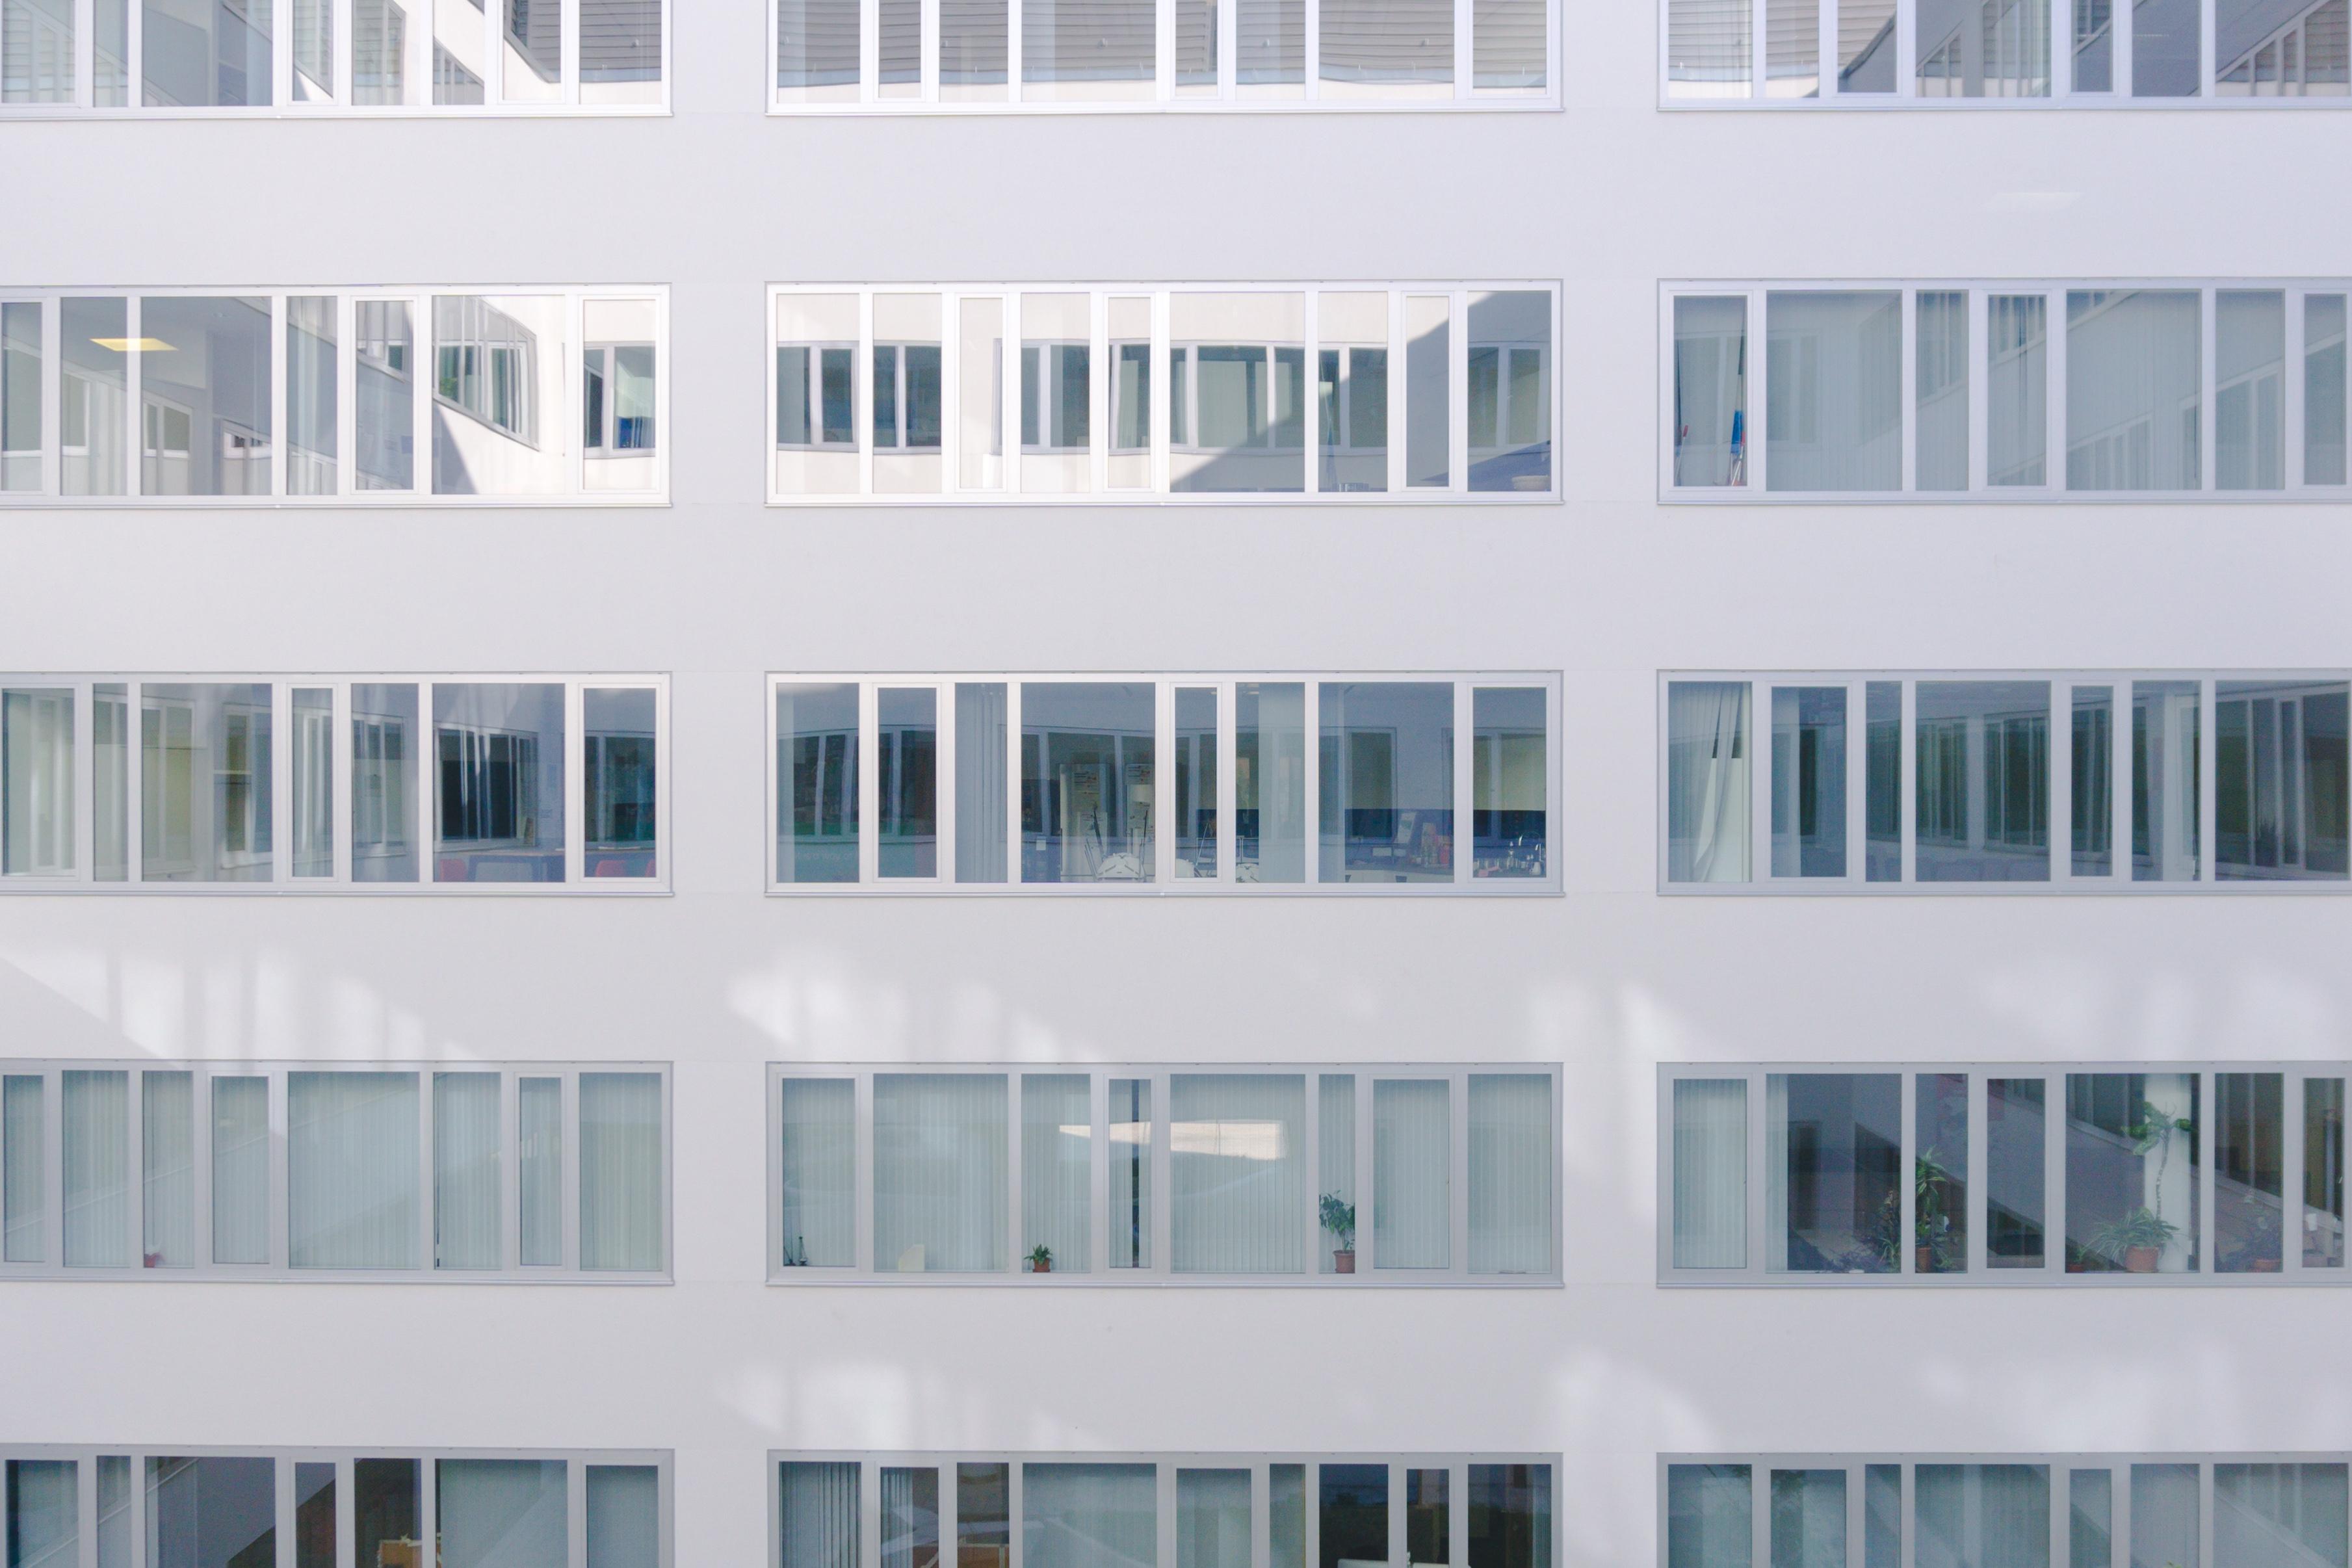 Gambar Arsitektur Rumah Jendela Kaca Bangunan Balkon